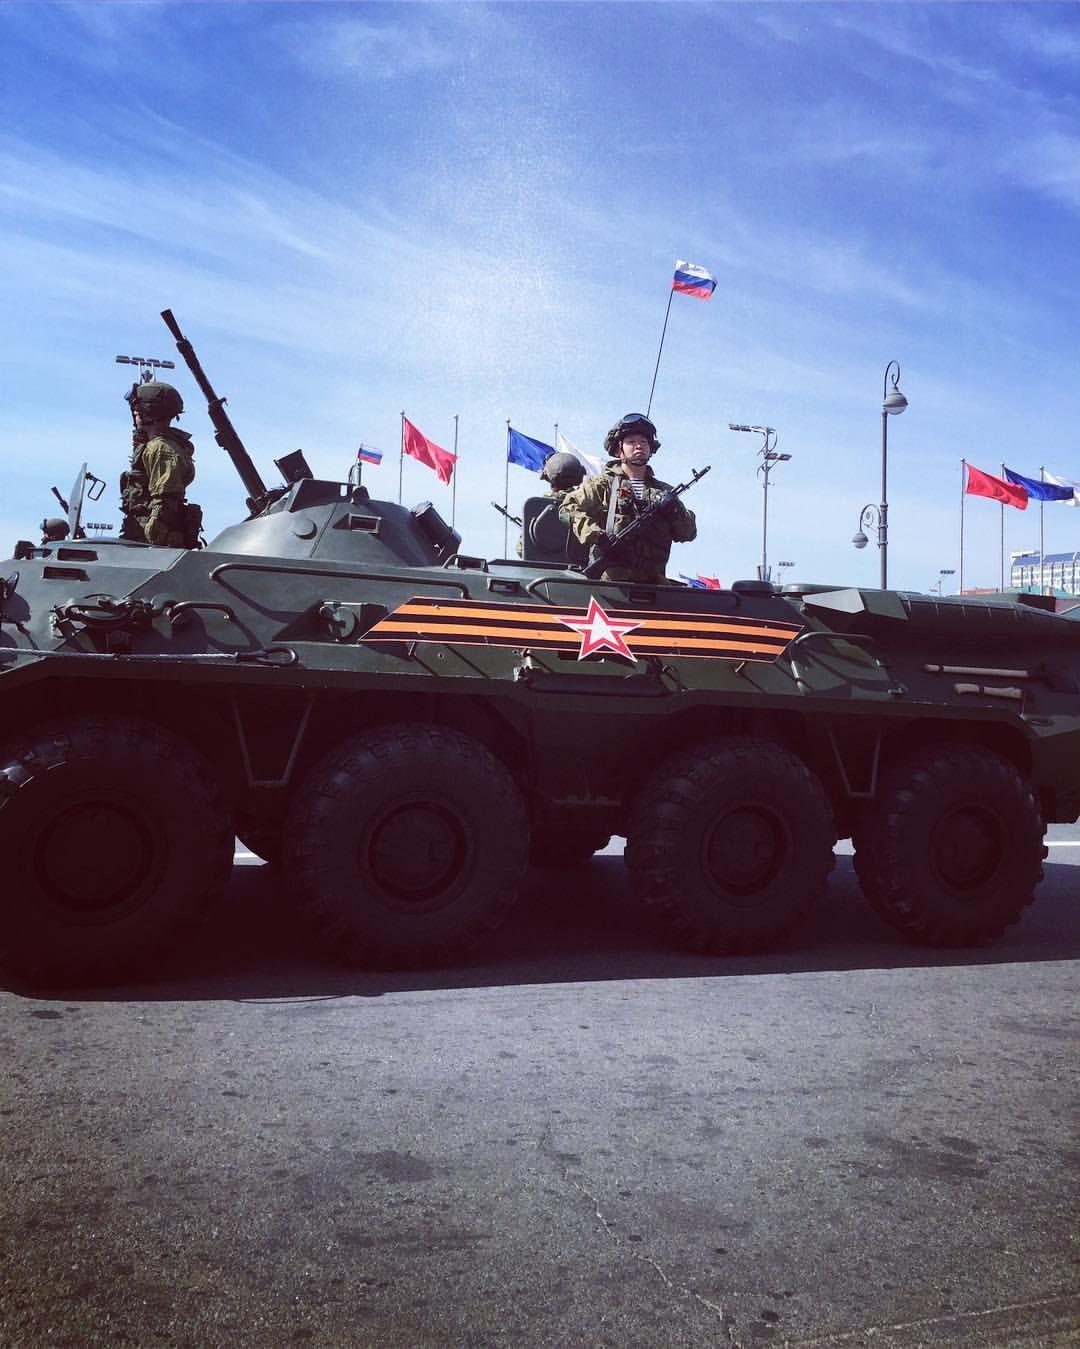 Uno de los tantos transportadores blindados exhibidos durante el desfile que se llevó a cabo en Vladivostok. Foto tomada por Diana Solís Laguna, estudiante de la Facultad de Idioma, próxima a ingresar a Pediatría en la Universidad Federal del Lejano Oriente